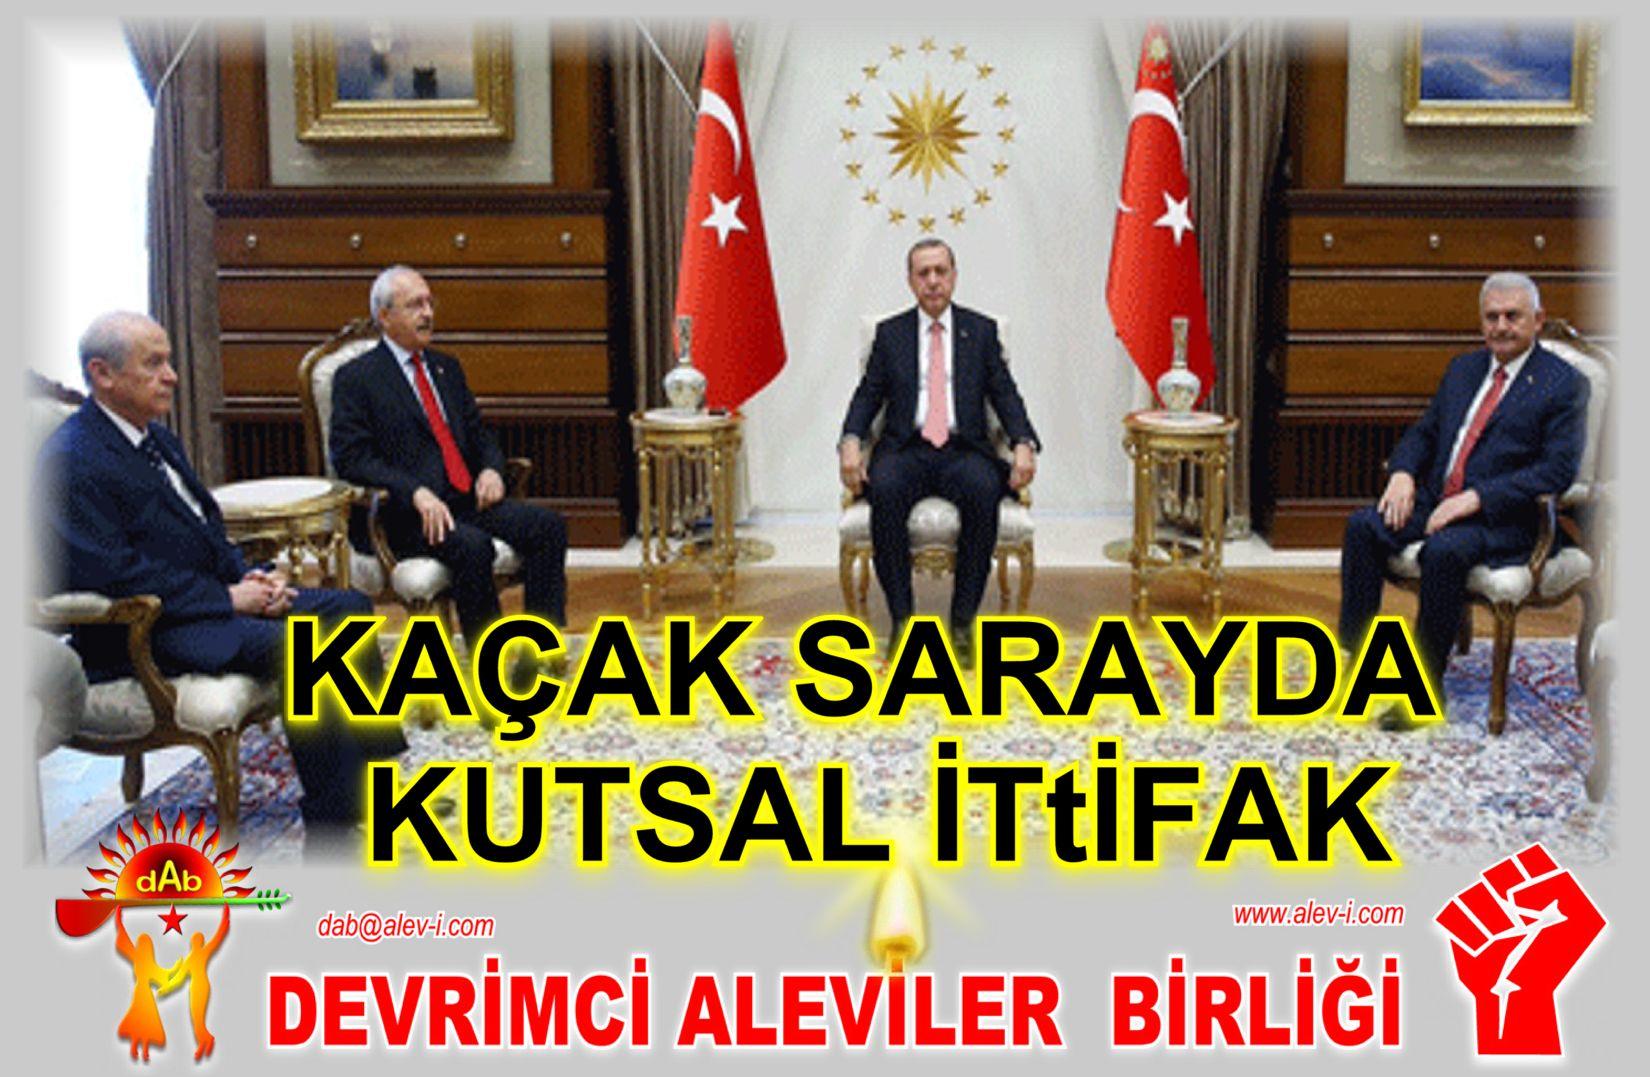 Devrimci Aleviler Birliği DAB Alevi Kızılbaş Bektaşi pir sultan cem hz Ali 12 imam semah Feramuz Şah Acar liderler-zirvesi-1 kacak saray chp ittifak